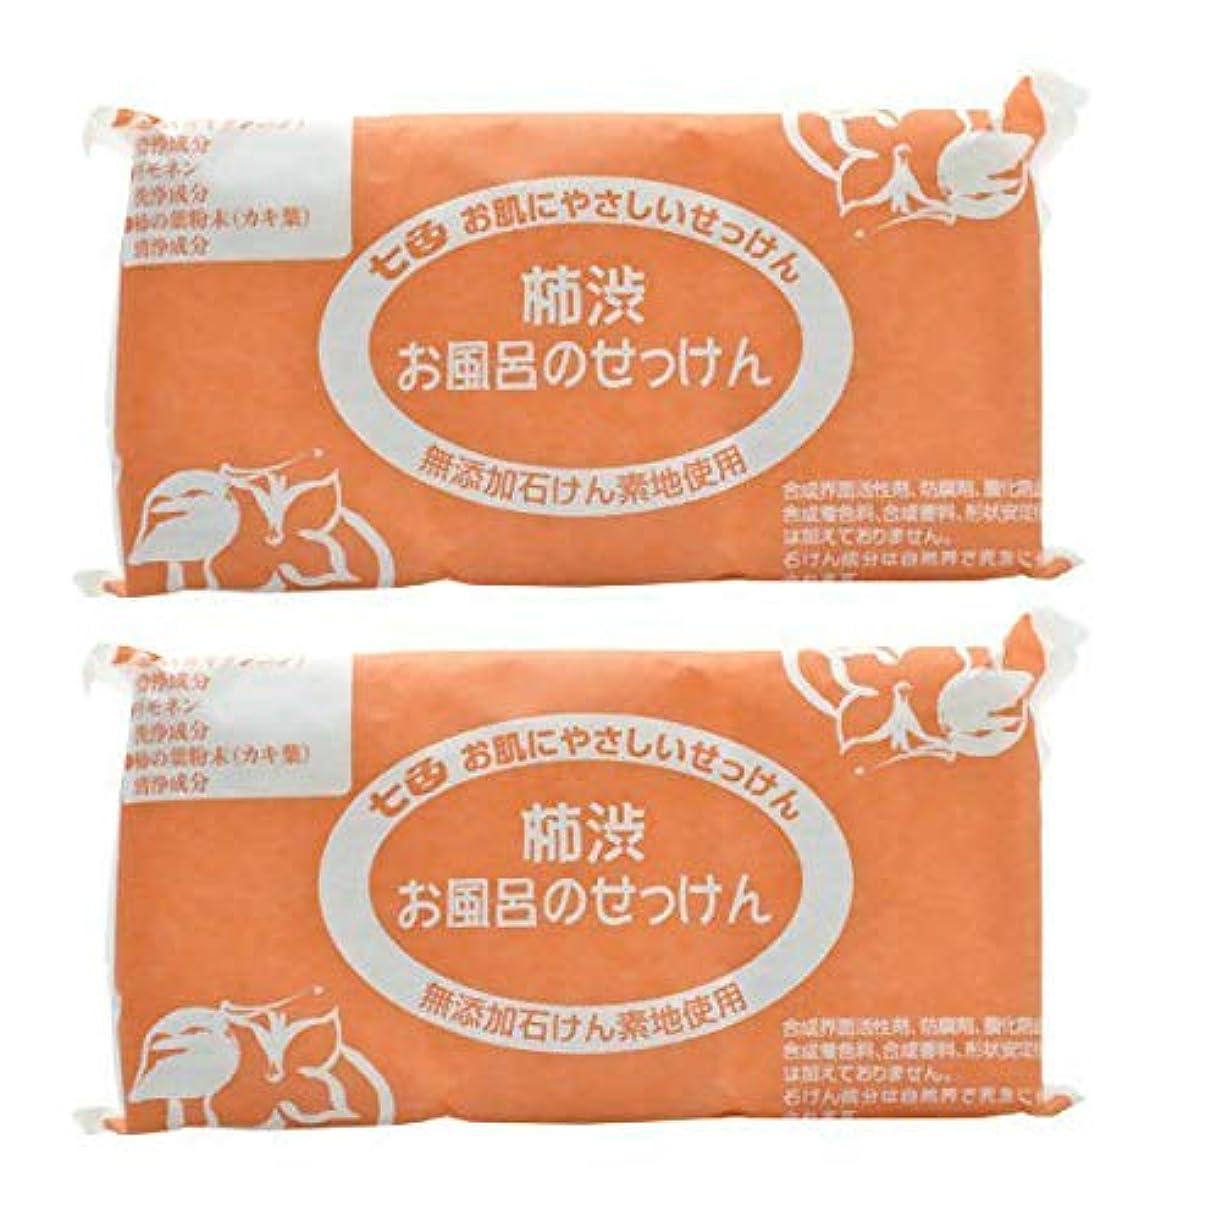 シエスタ貫入プラカード七色 お風呂のせっけん 柿渋(無添加石鹸) 100g×3個入×2セット